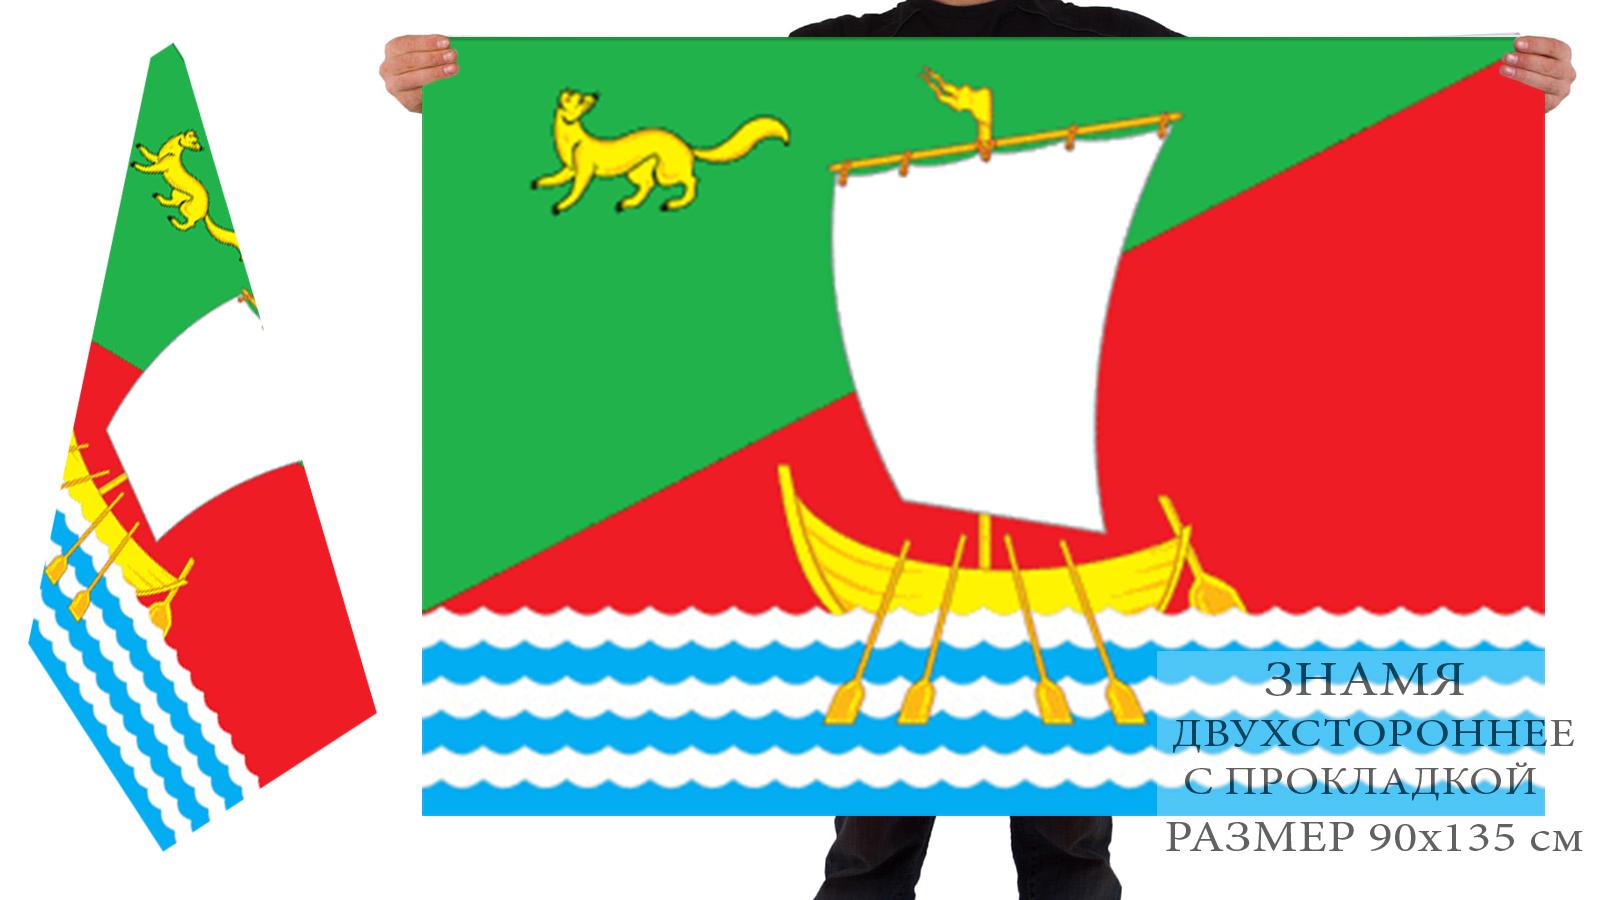 Купить флаг Жигаловского района